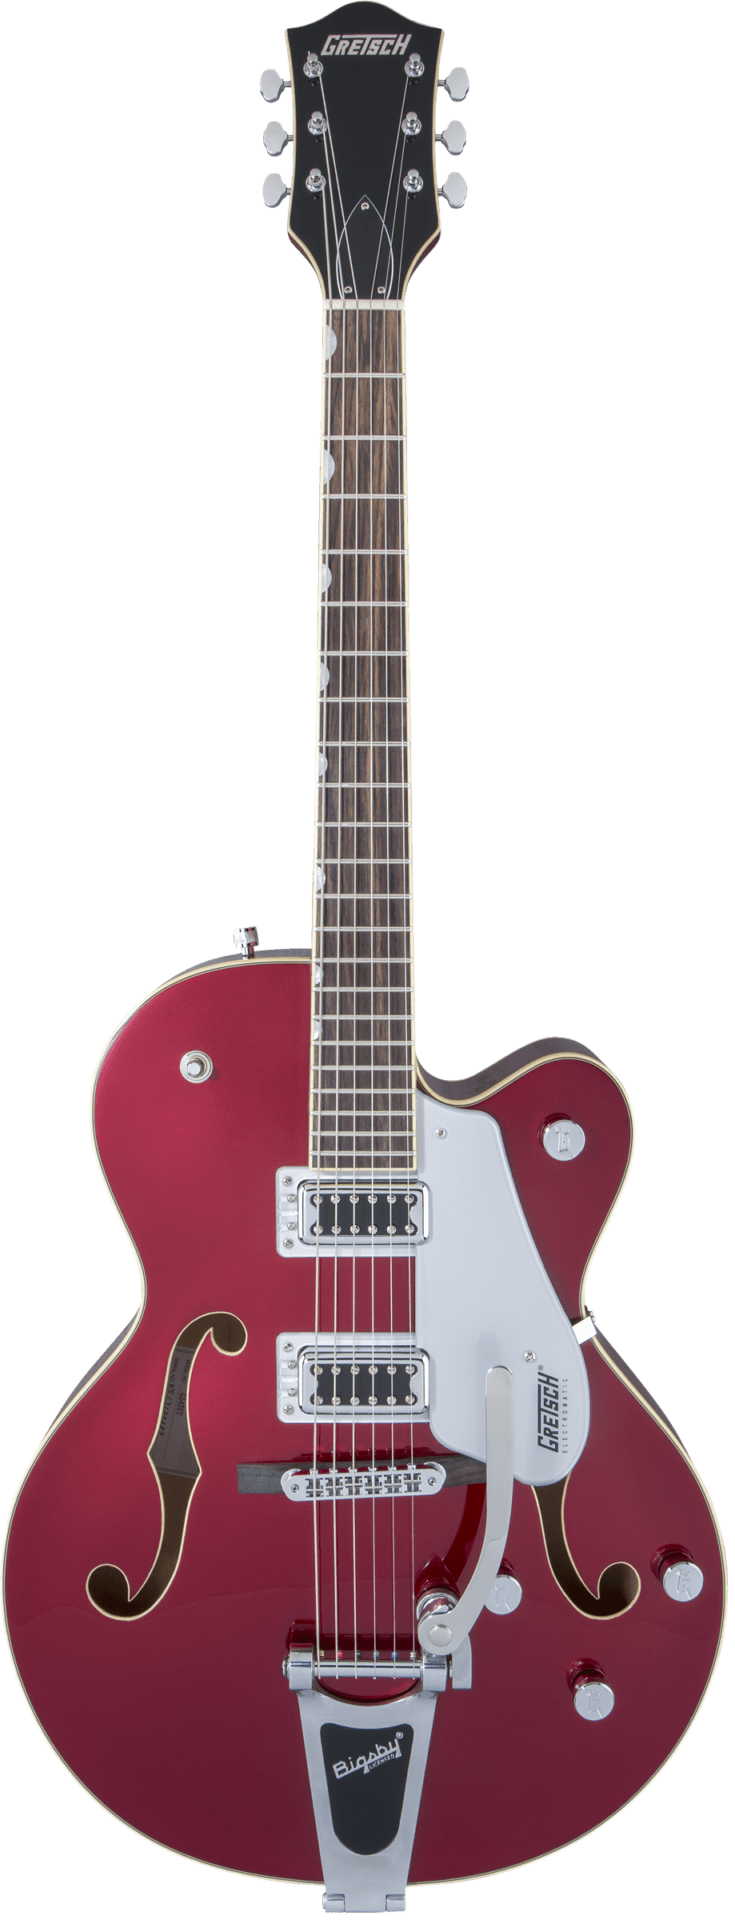 GRETSCH G5420T RED